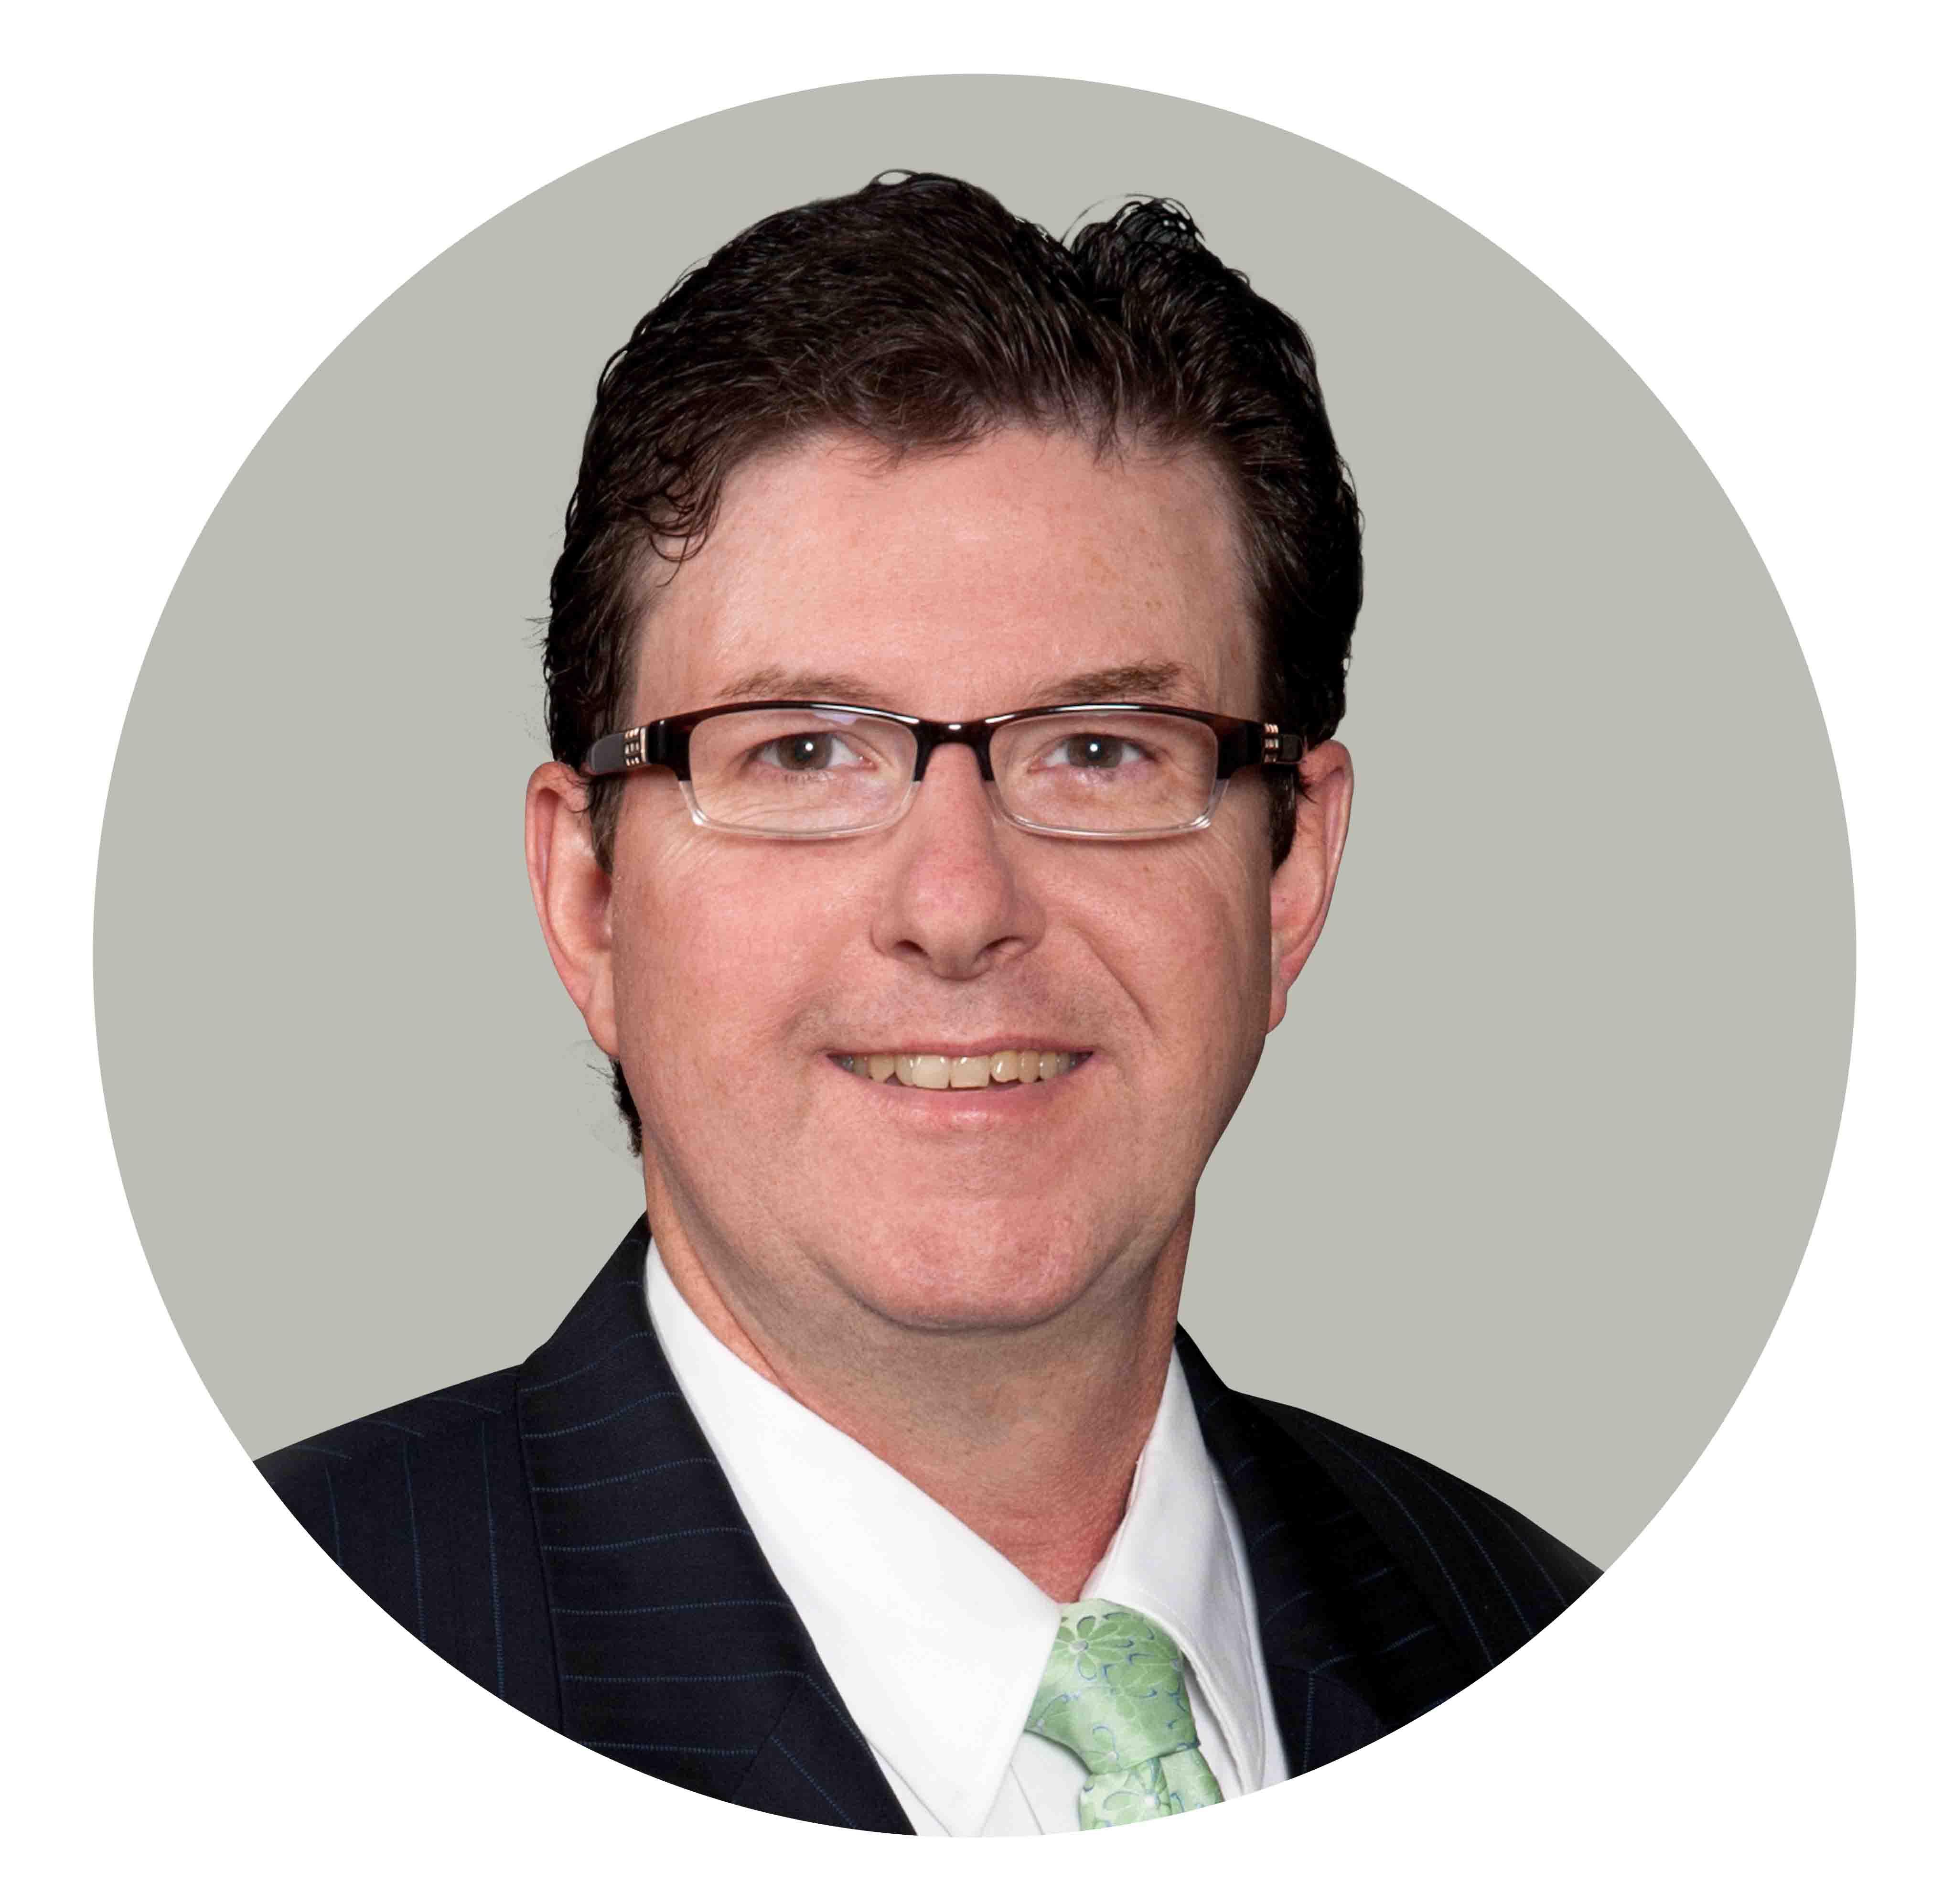 Dr. Keith Dunbar